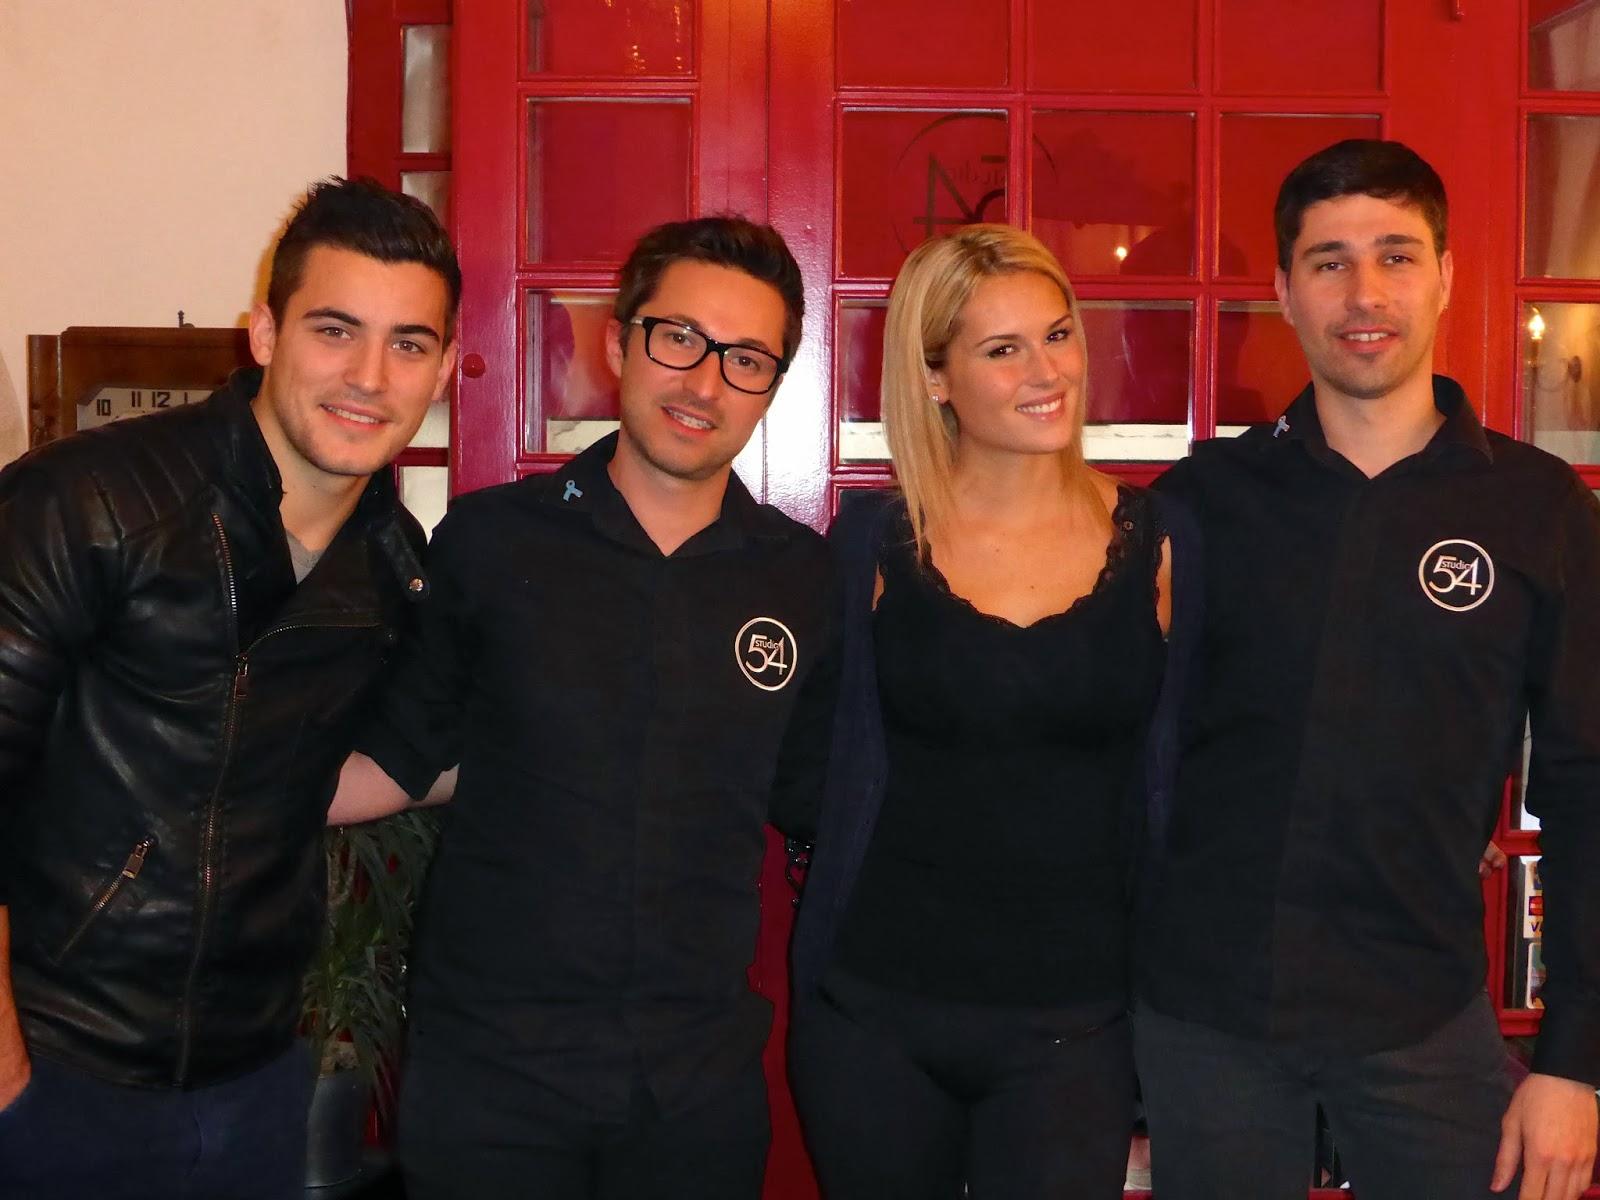 De gauche à droite : Anthony, Eddy, Marine et Guillaume.